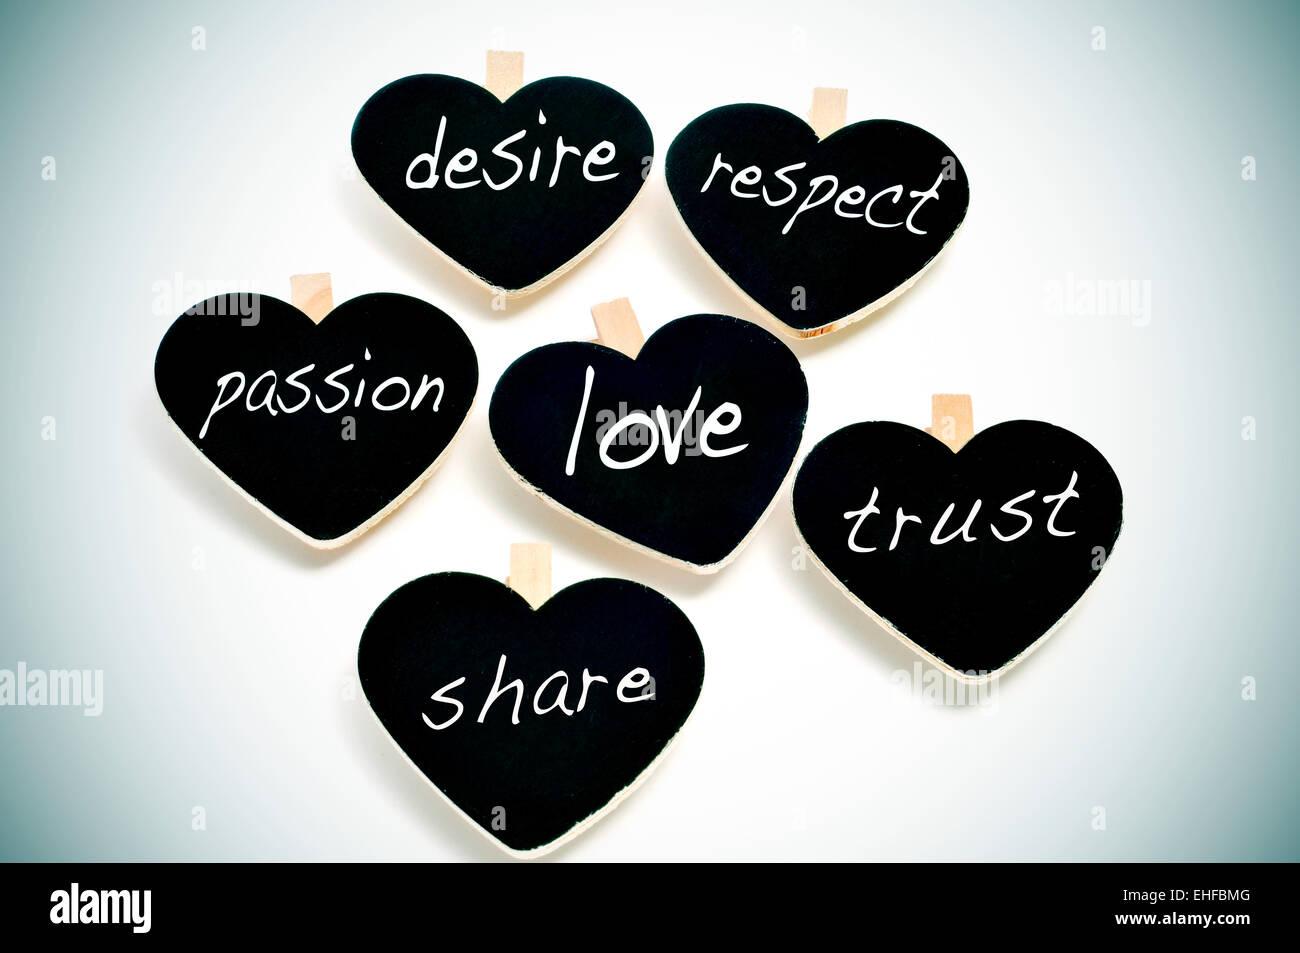 Vertrauen respekt ist liebe warum ist